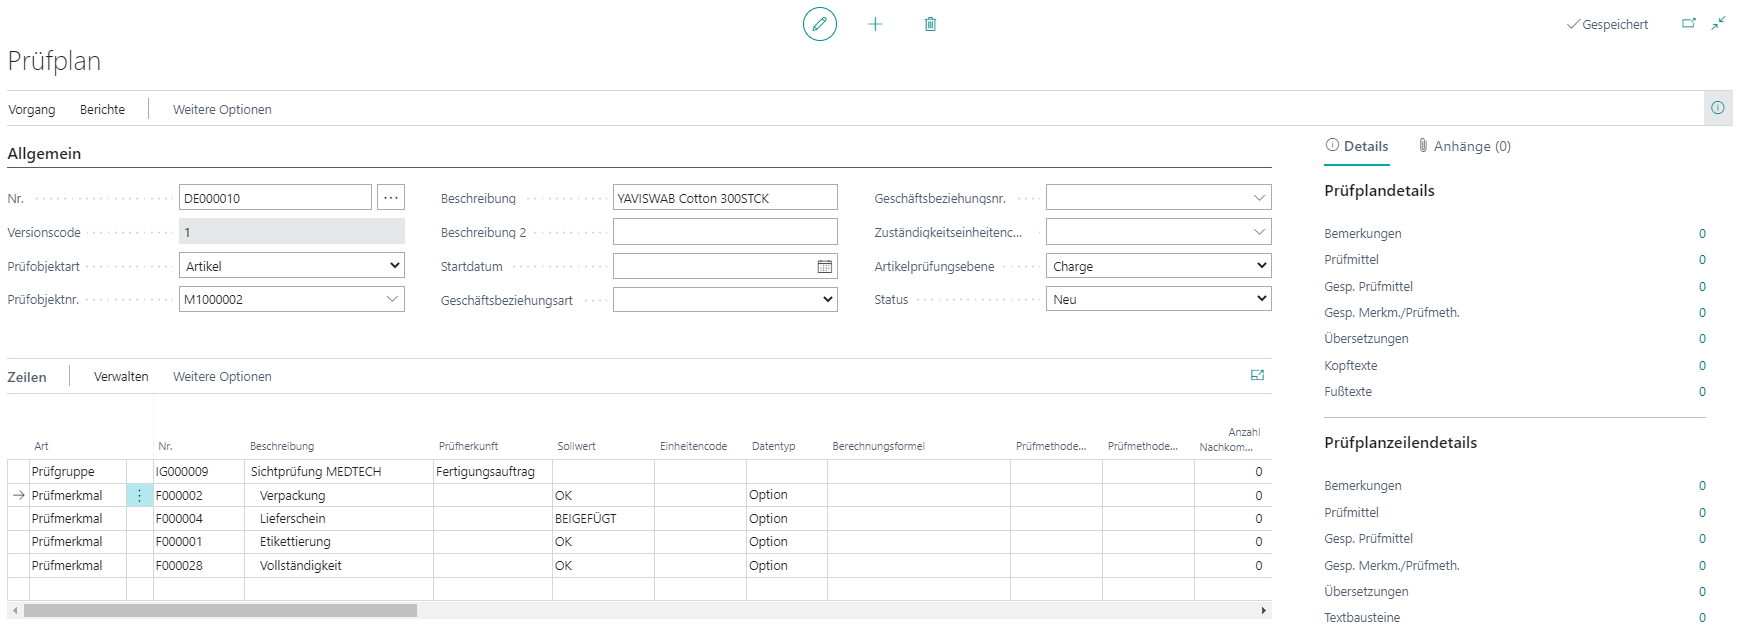 Detailscreenshot Funktion Qualitätskontrolle MedTec